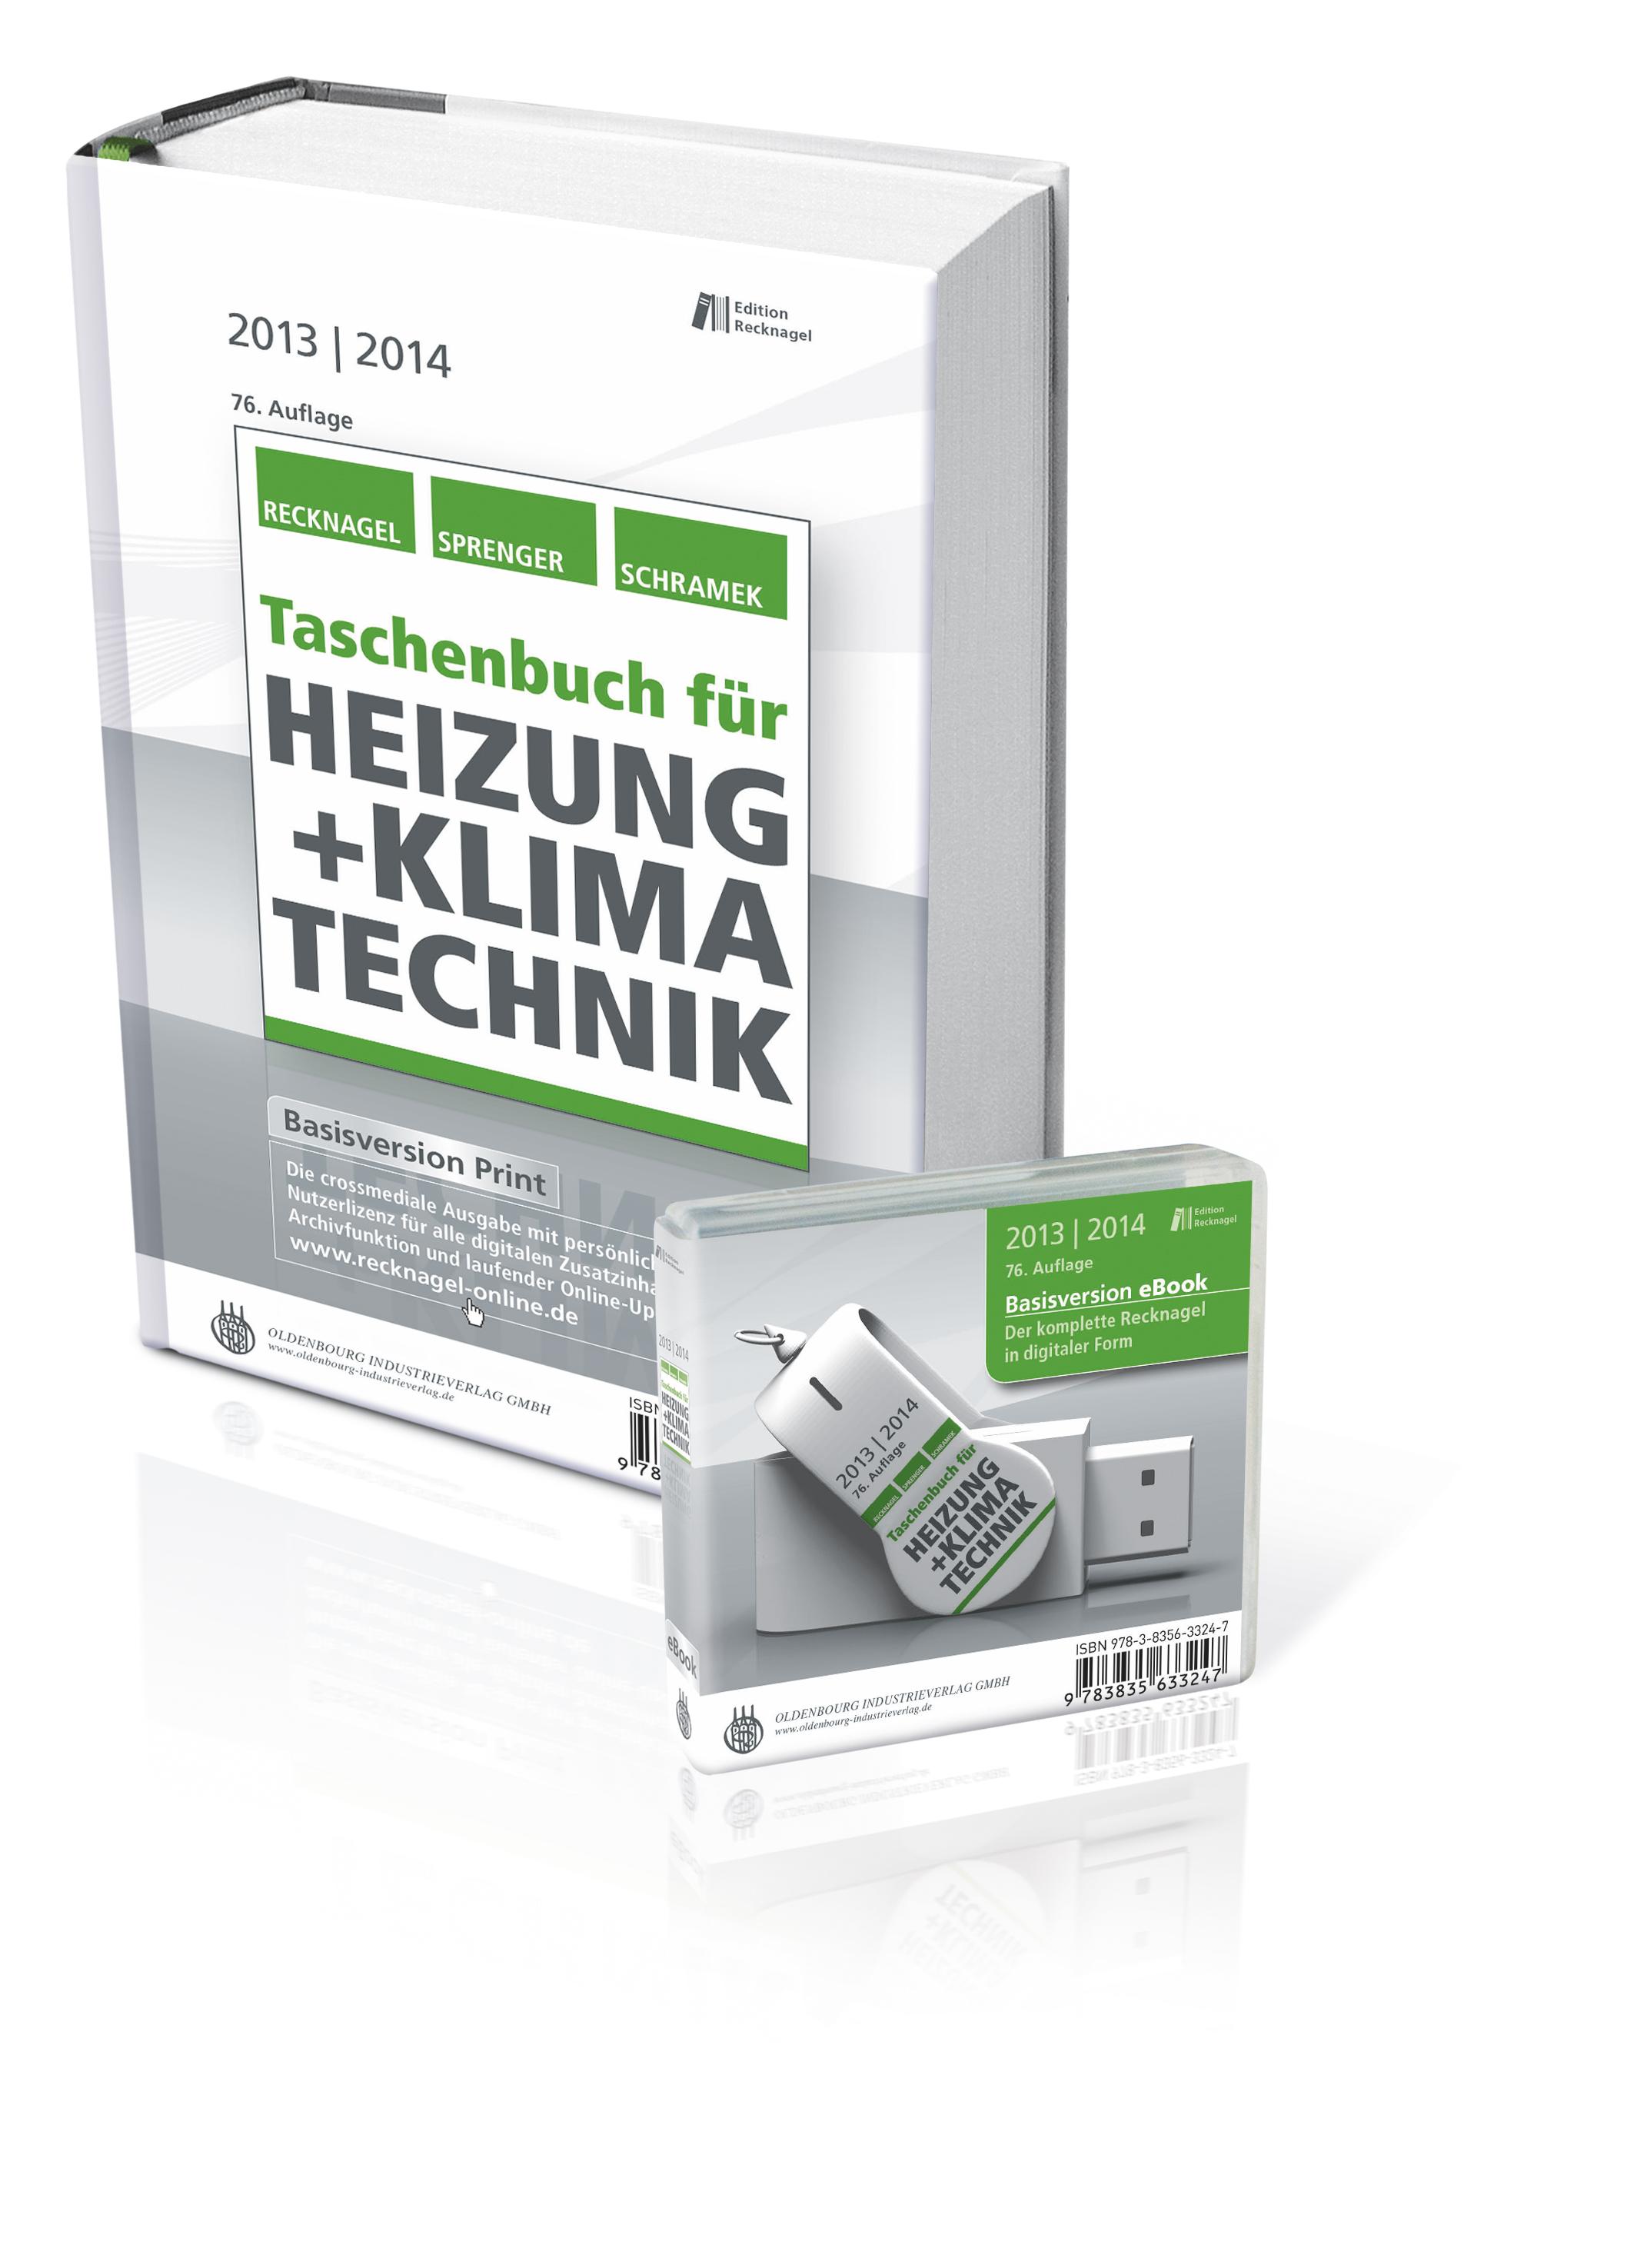 Taschenbuch für Heizung + Klimatechnik 13/14 - ...